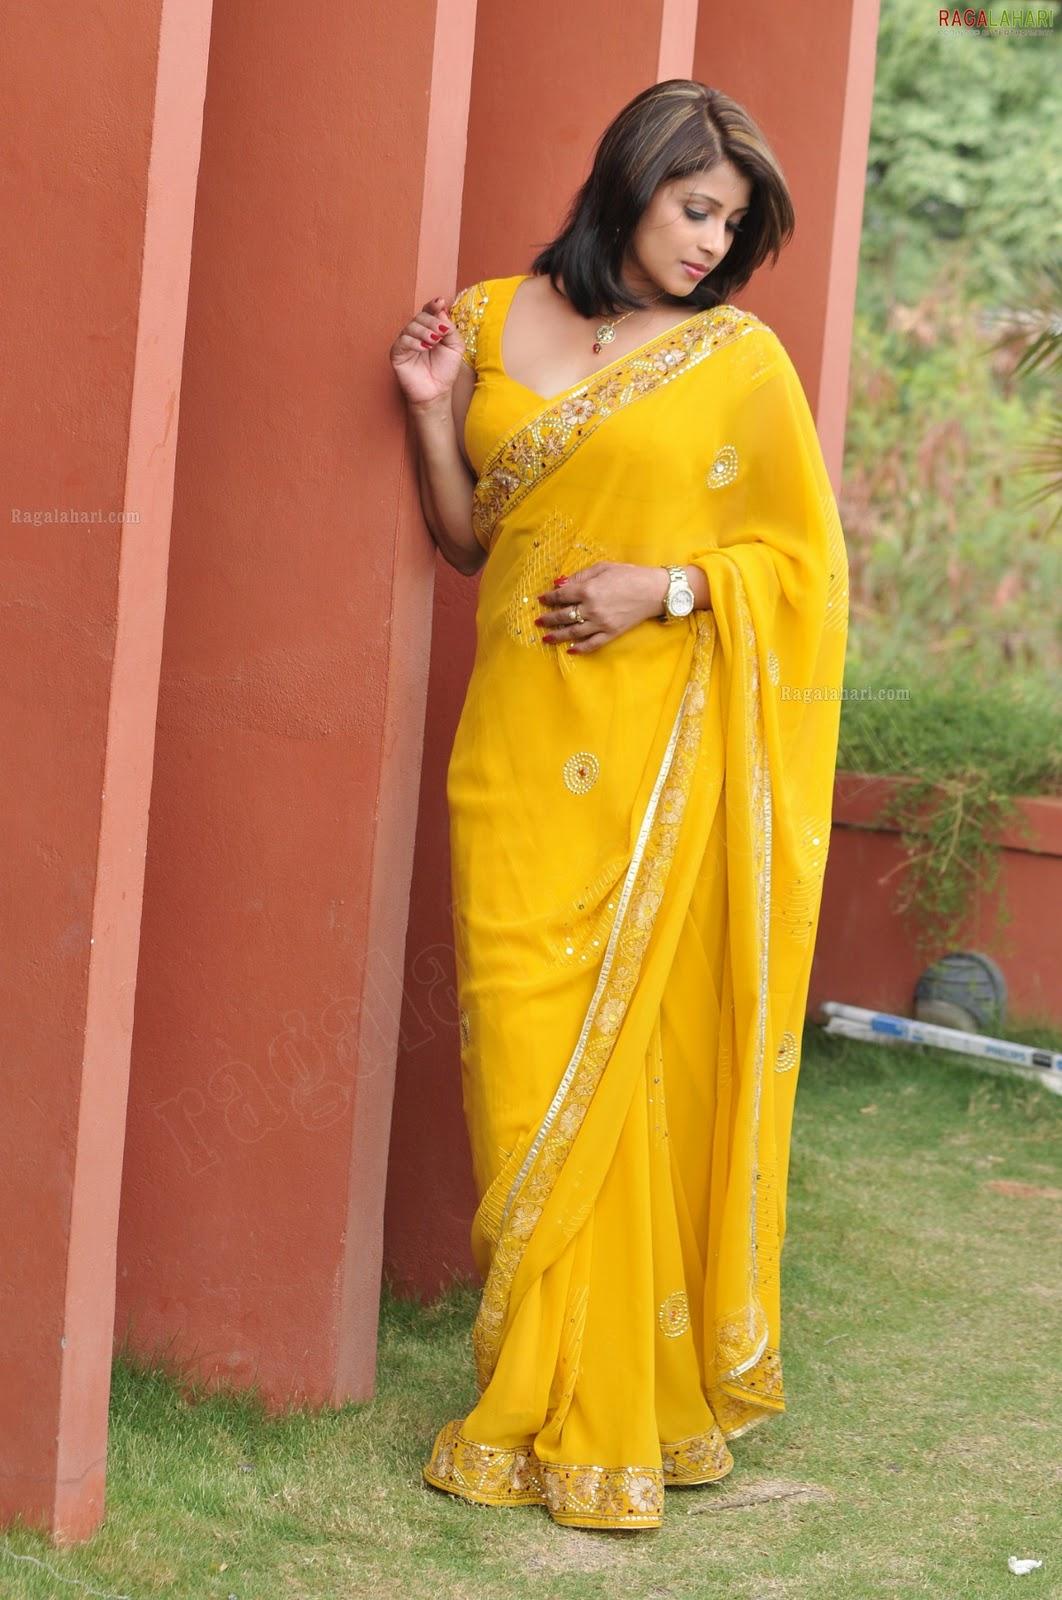 Nadeesha hemamali saree Fashion collection : Gossip Lanka News And Sri ...